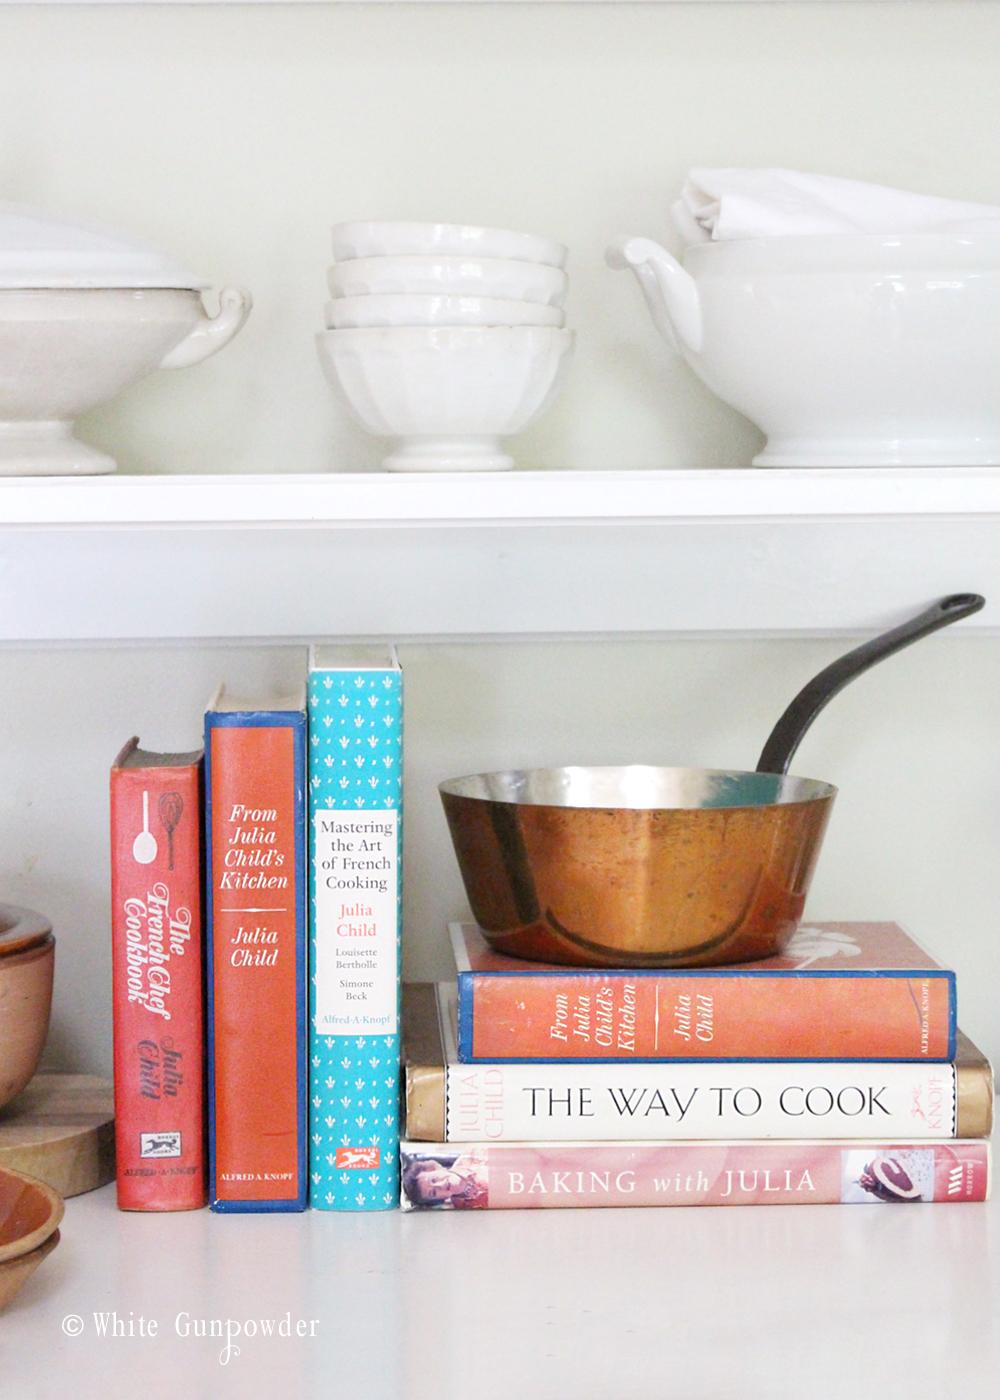 julia-child-cookbooks-pic2-5052-wh1000x1400-1